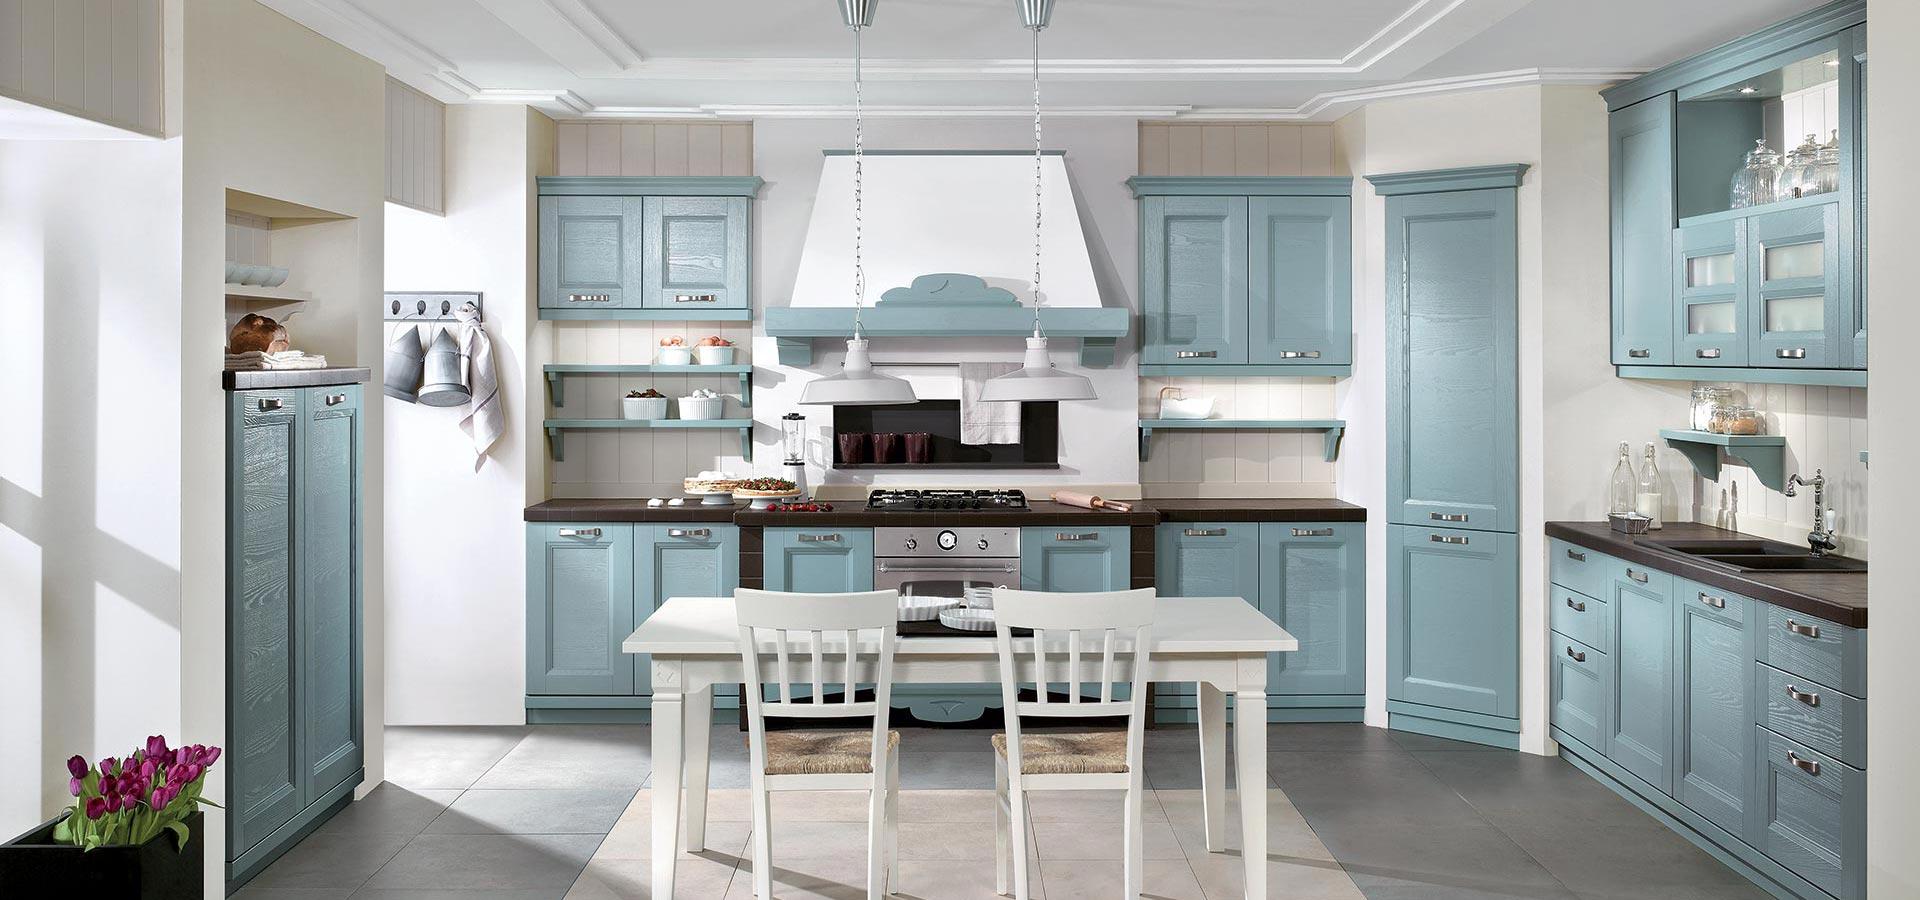 Best Arredo3 Cucine Opinioni Photos - Design and Ideas ...